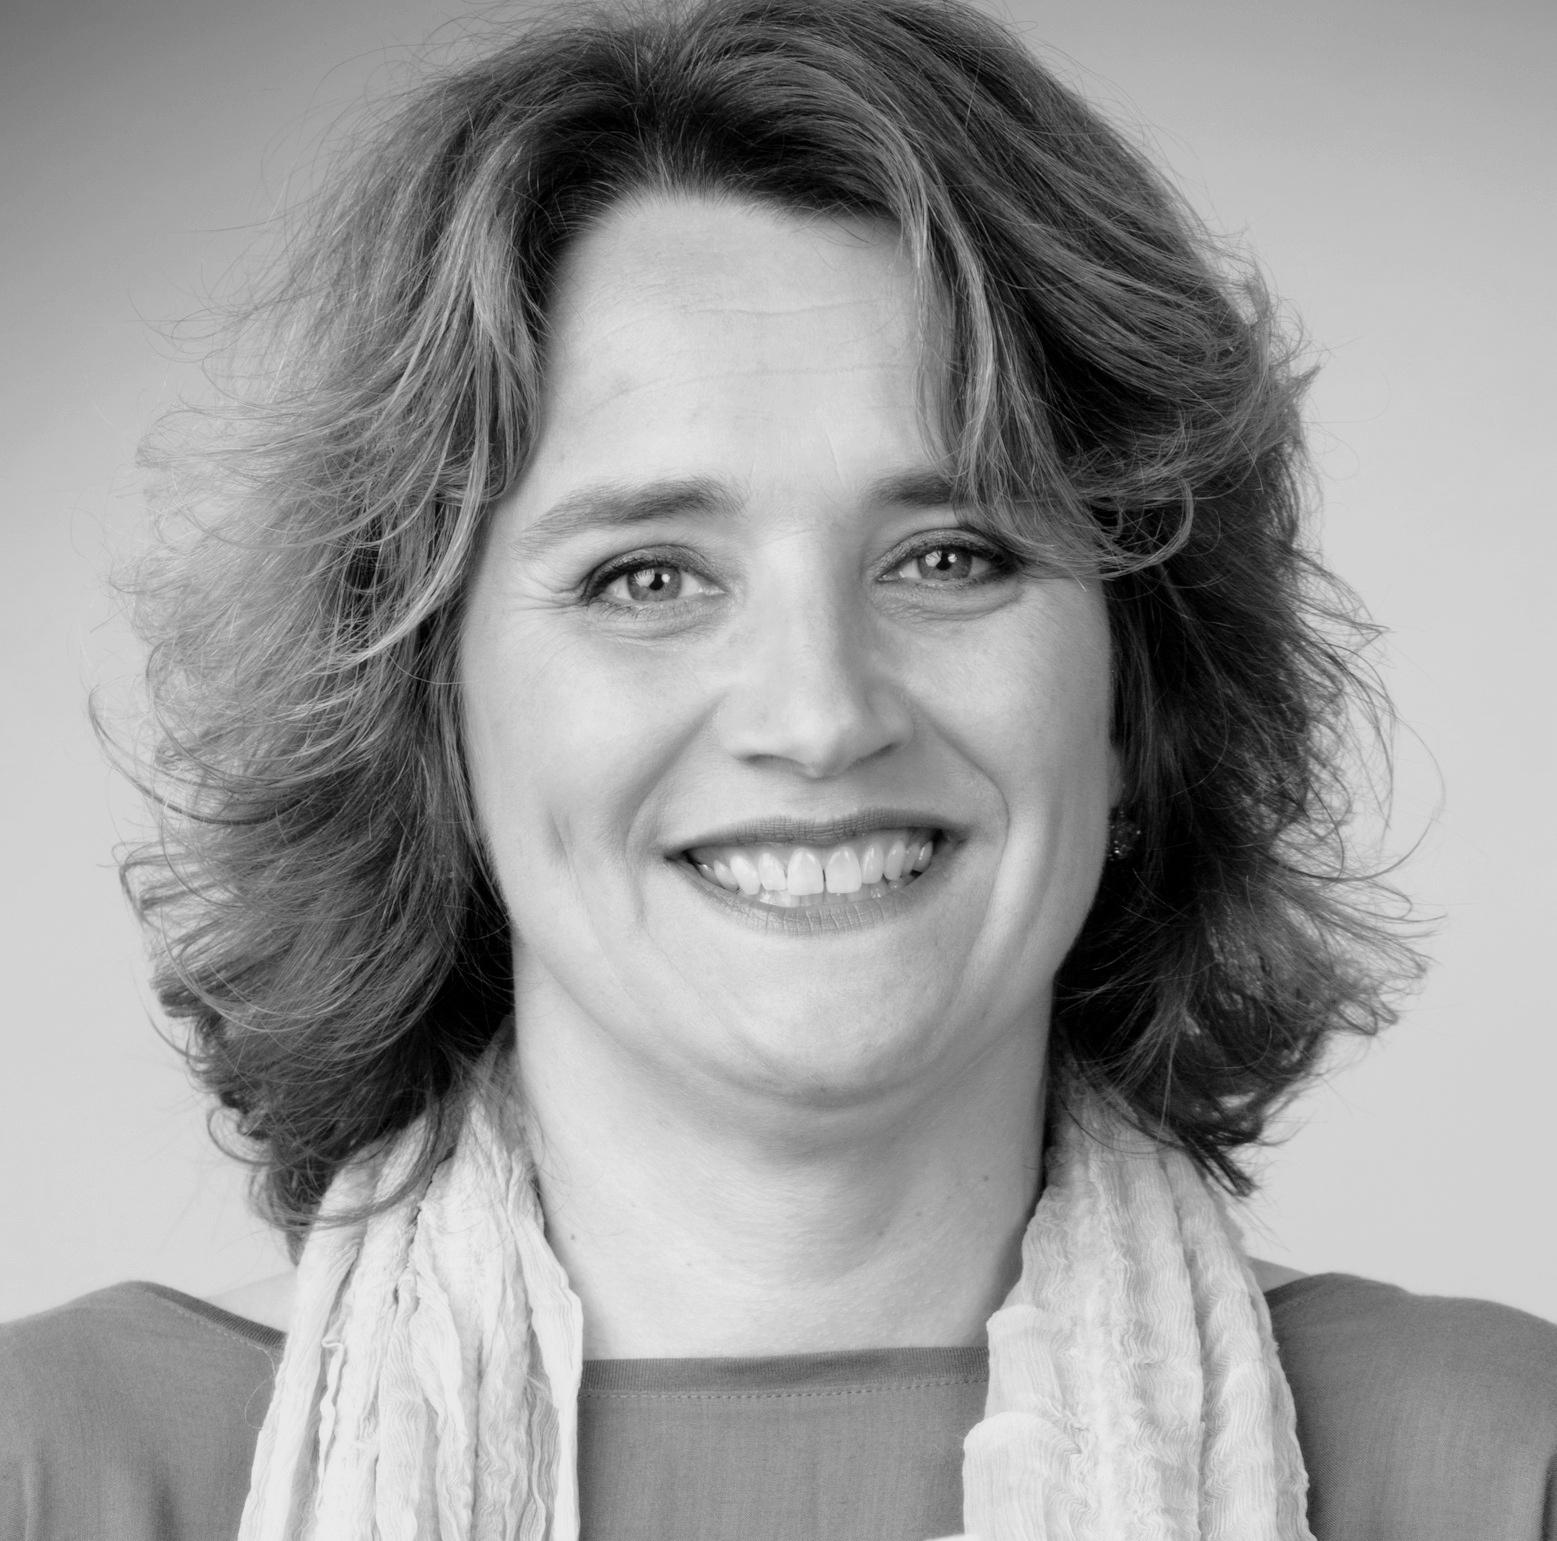 Anita Mooiweer